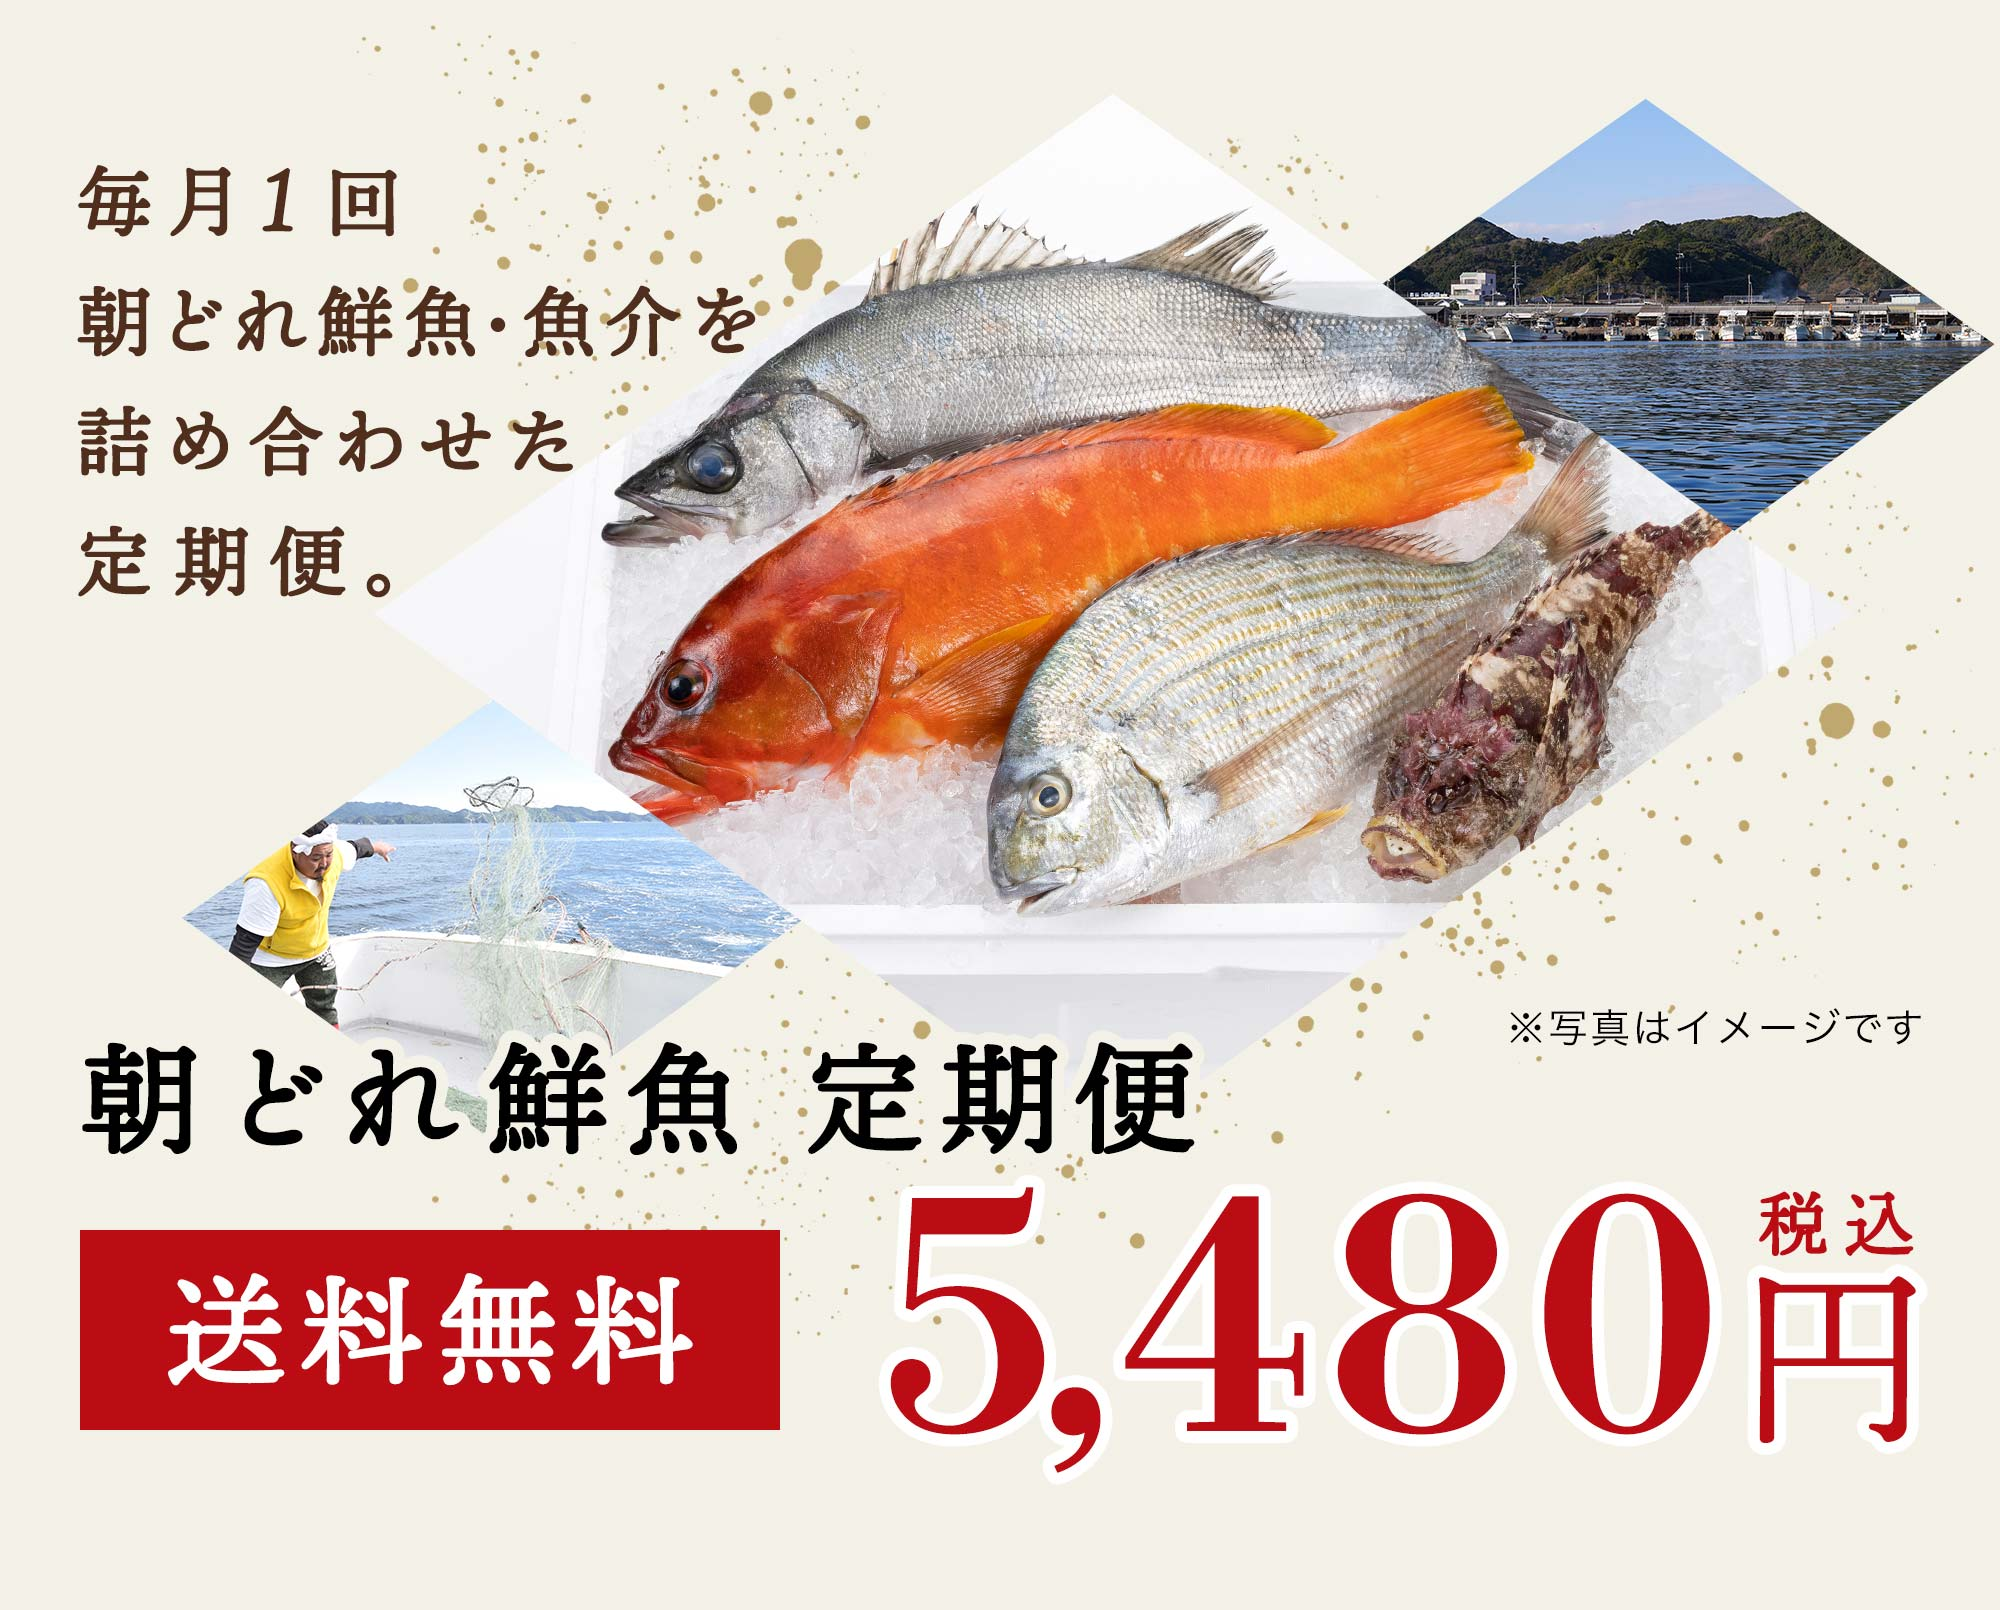 毎月1回、朝どれ鮮魚・魚介を詰め合わせた定期便・朝どれ鮮魚定期便送料無料5480円税込